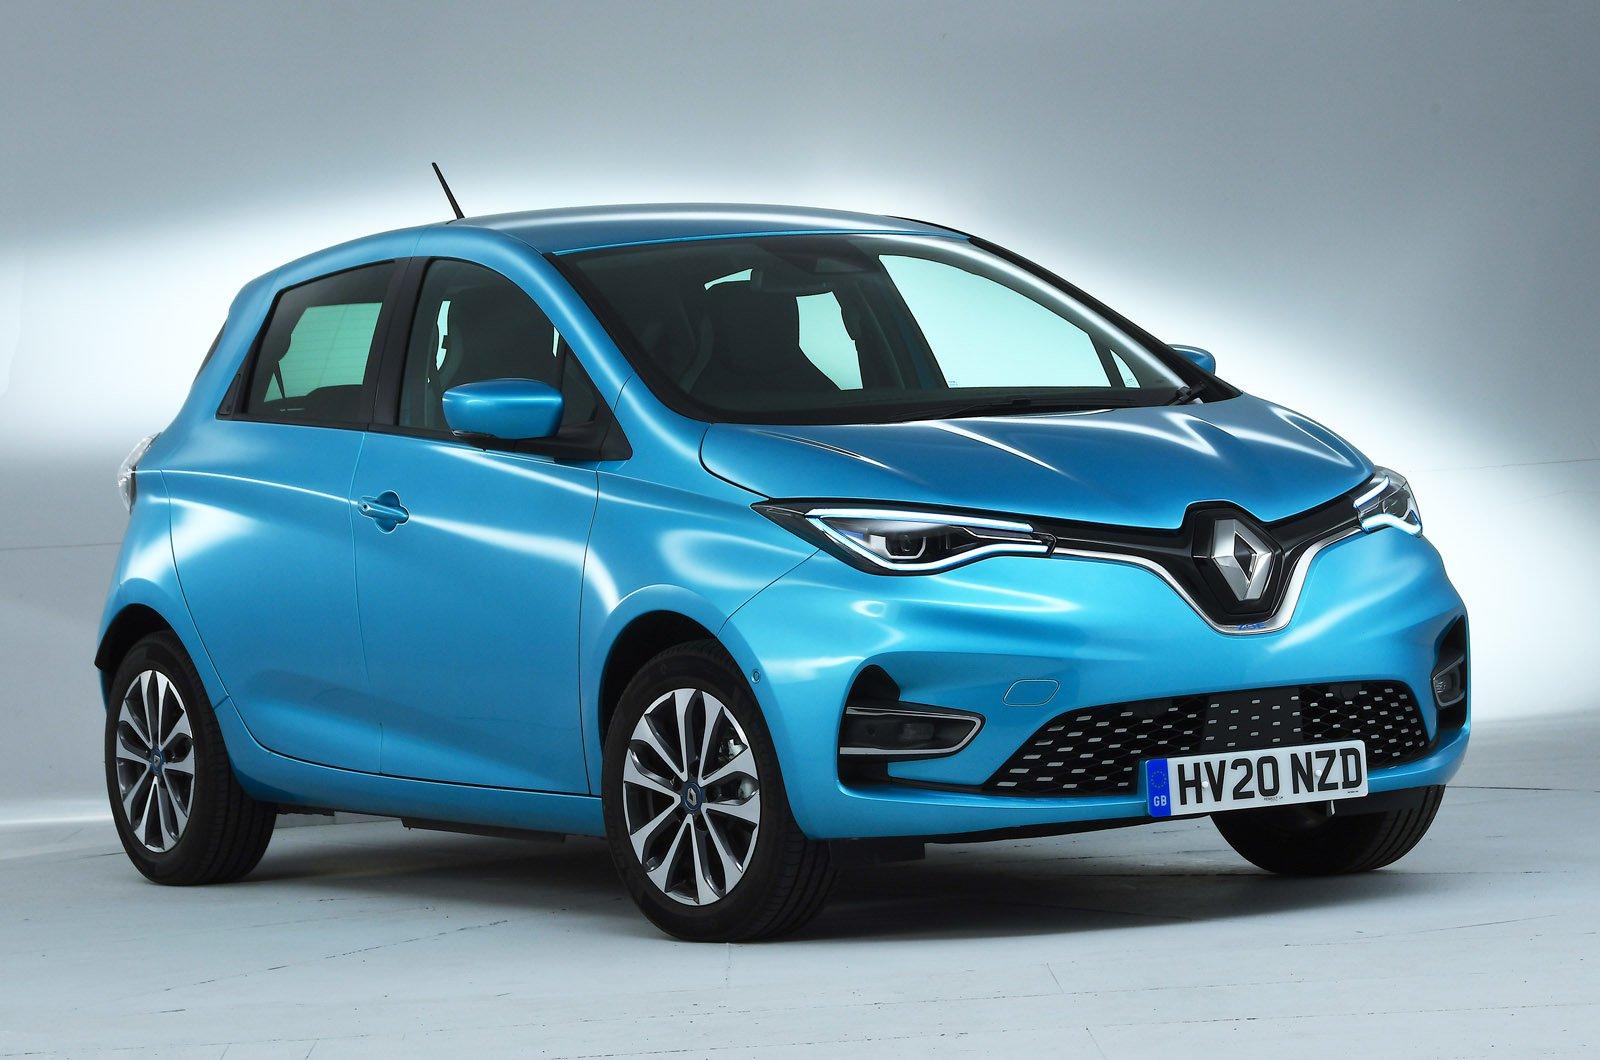 Renault Zoe front studio